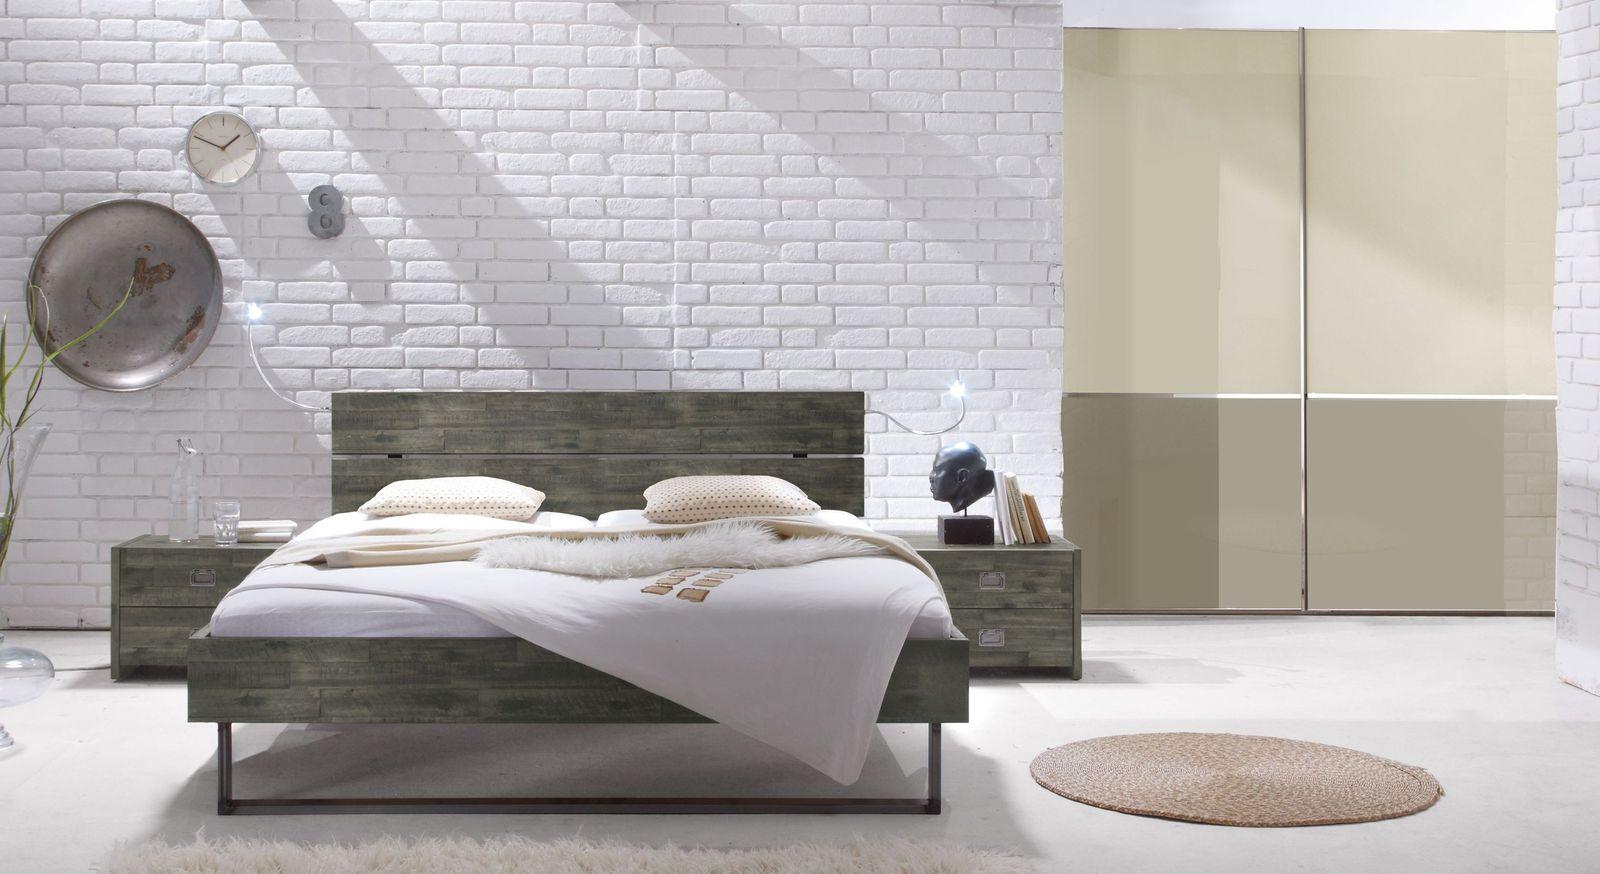 Komplett-Schlafzimmer Konna im Industrial-Style